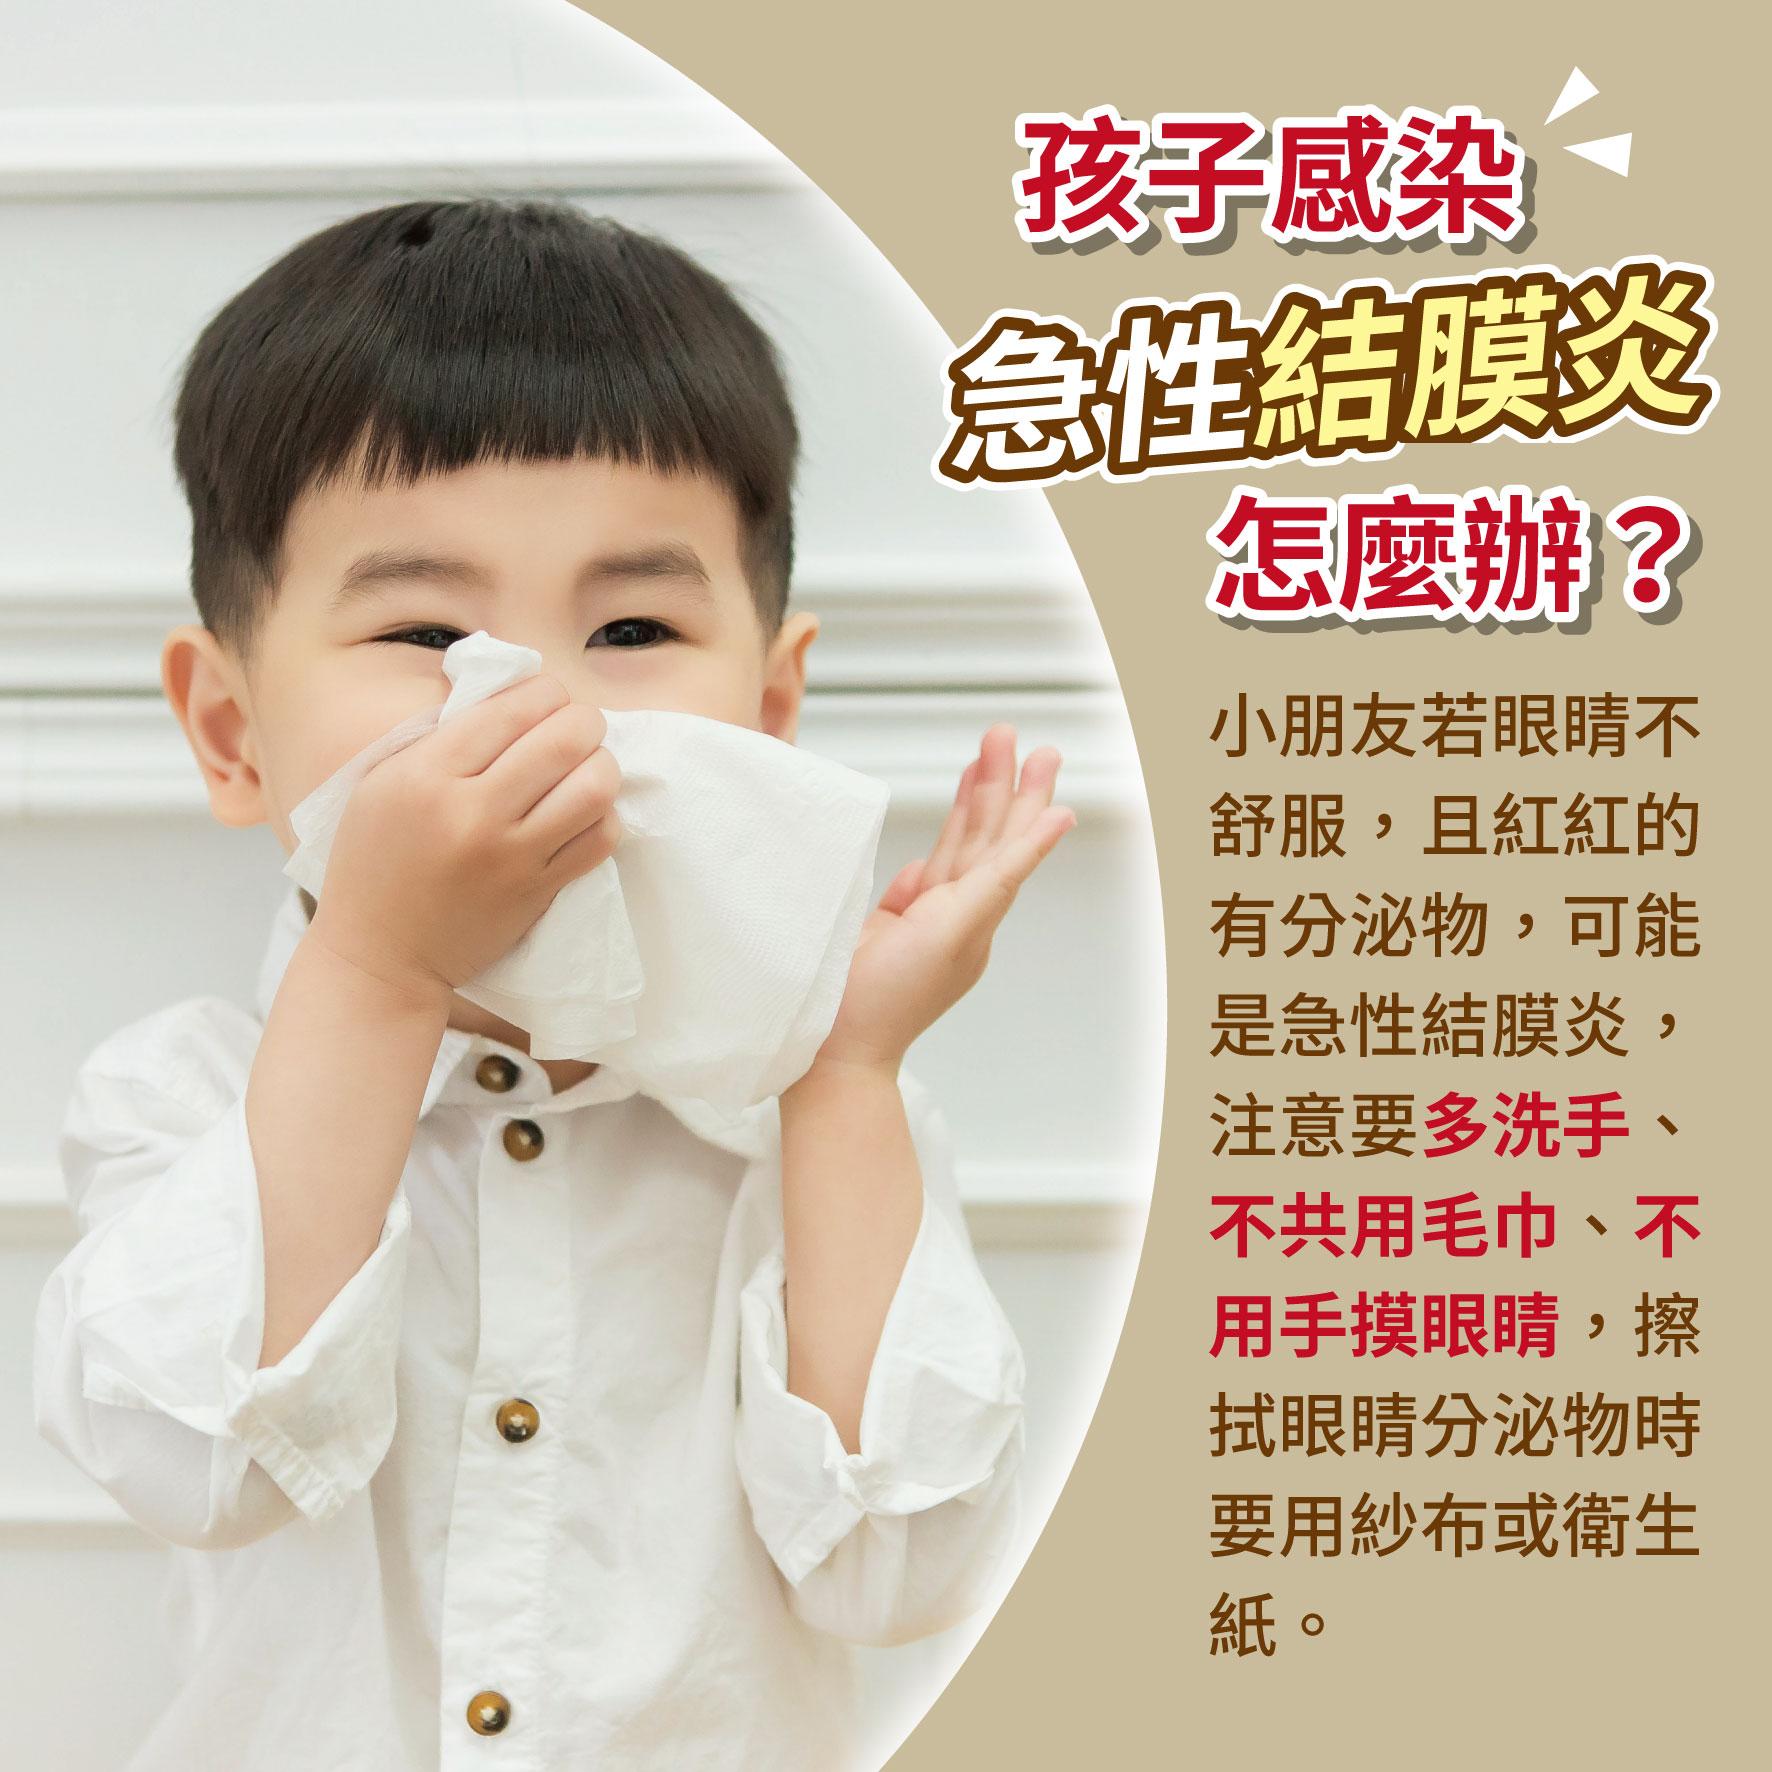 幼兒3歲 (第30週)孩子感染急性結膜炎怎麼辦?